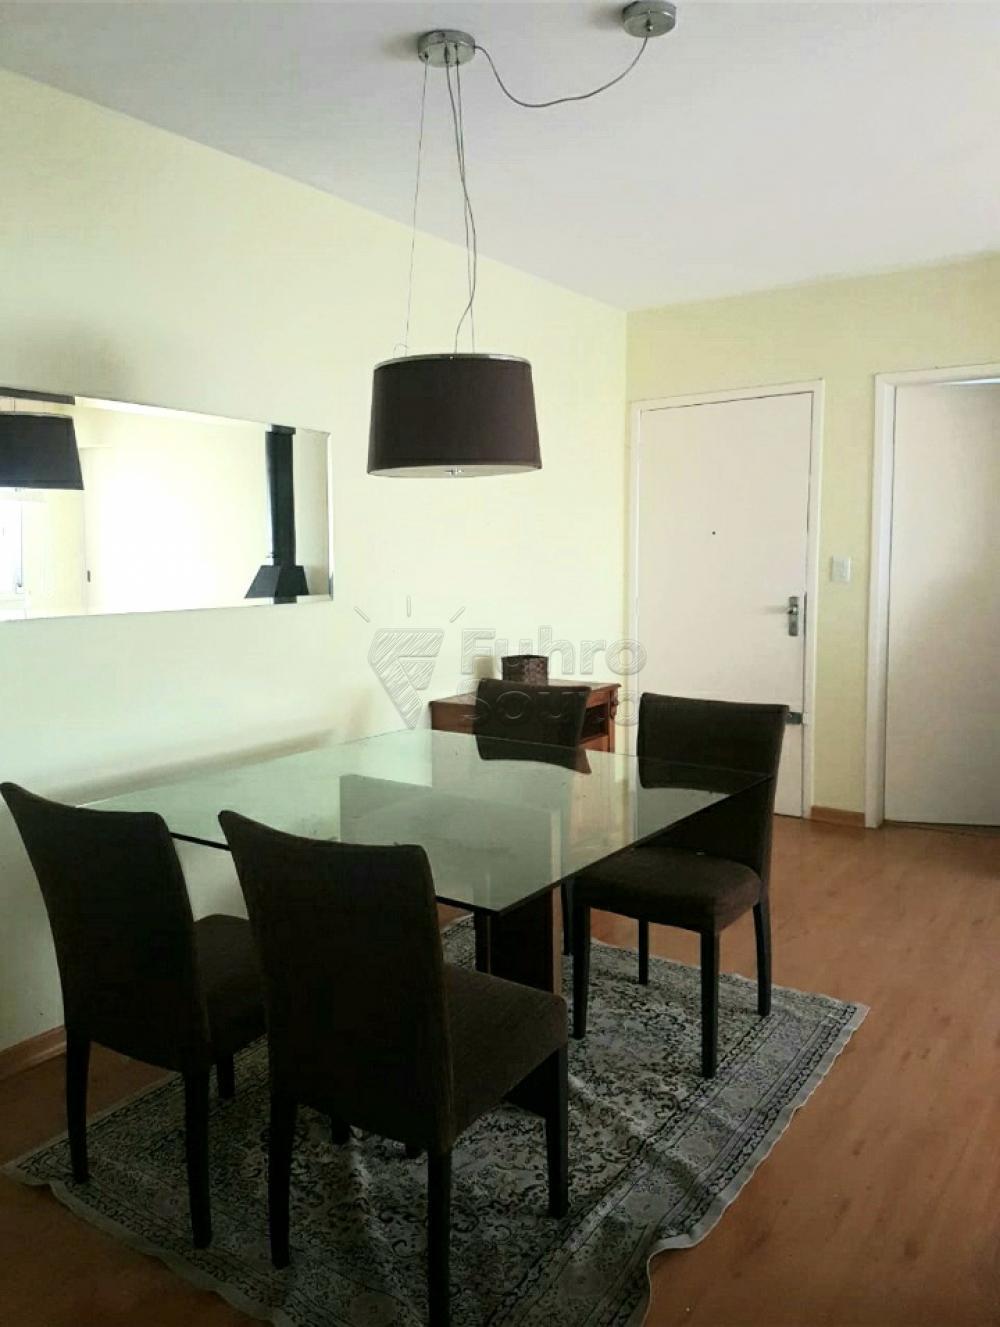 Comprar Apartamento / Padrão em Pelotas R$ 320.000,00 - Foto 2